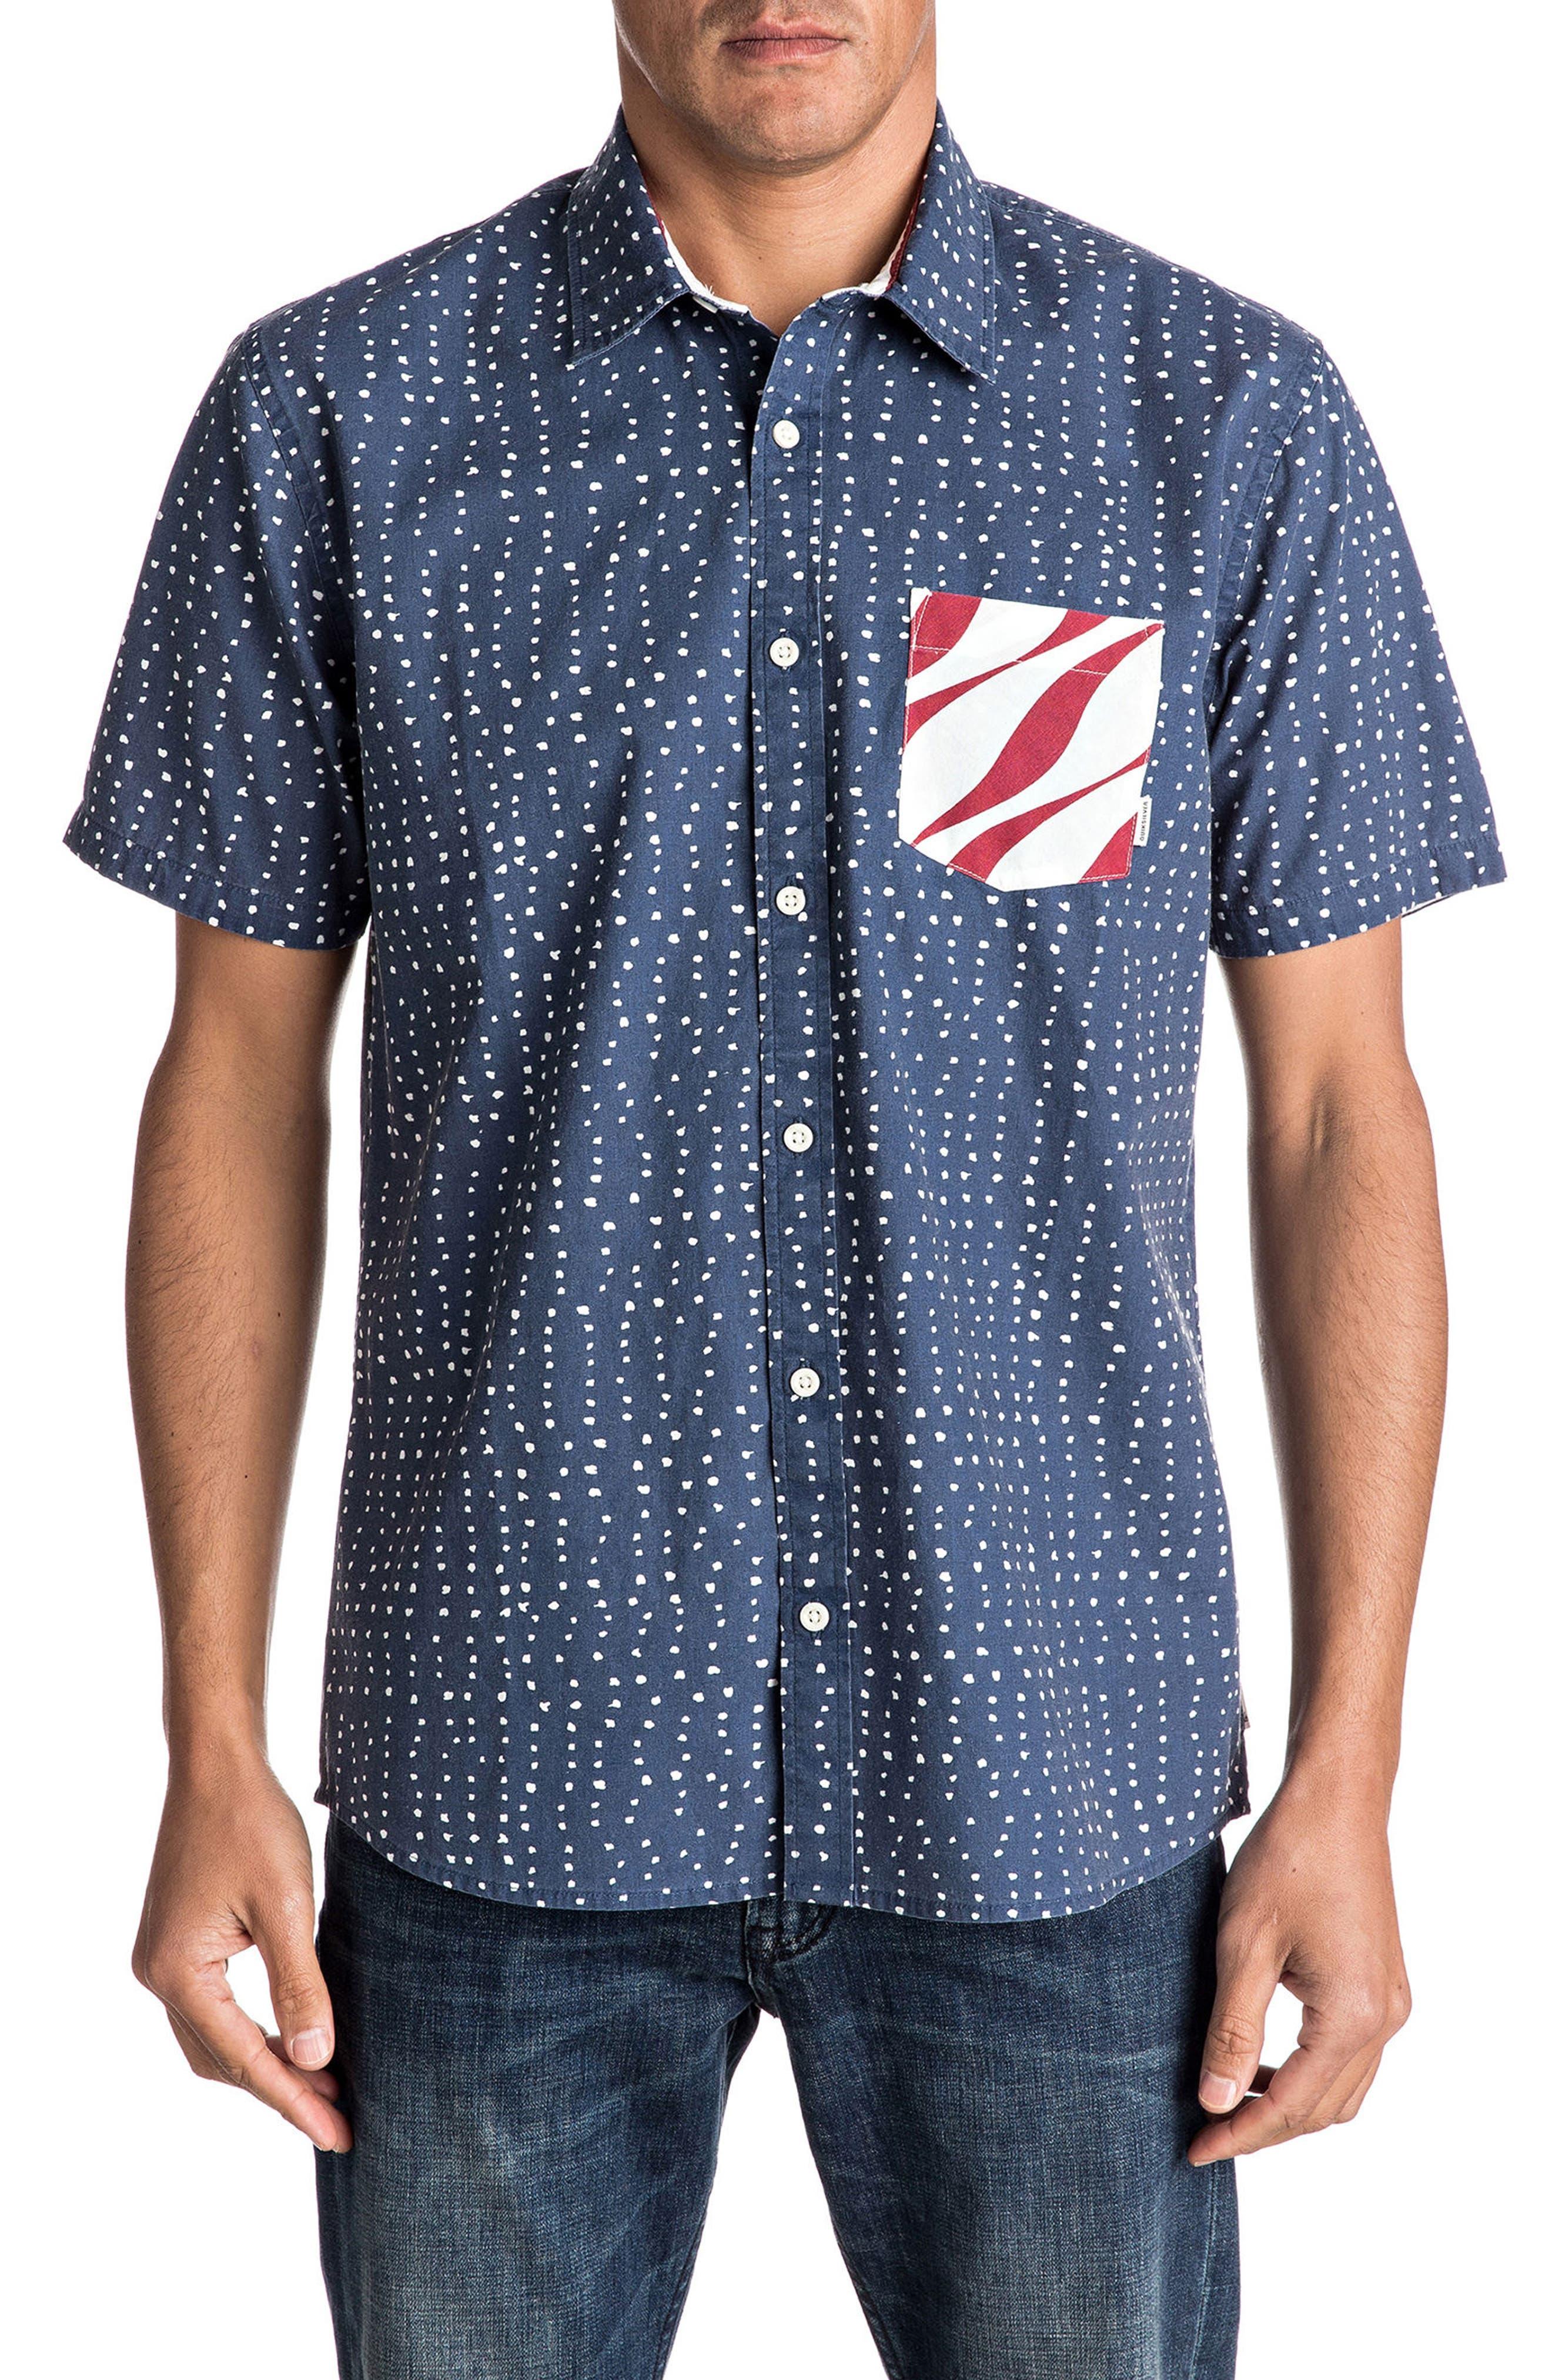 New Merica Print Shirt,                         Main,                         color, Dark Denim Spaced